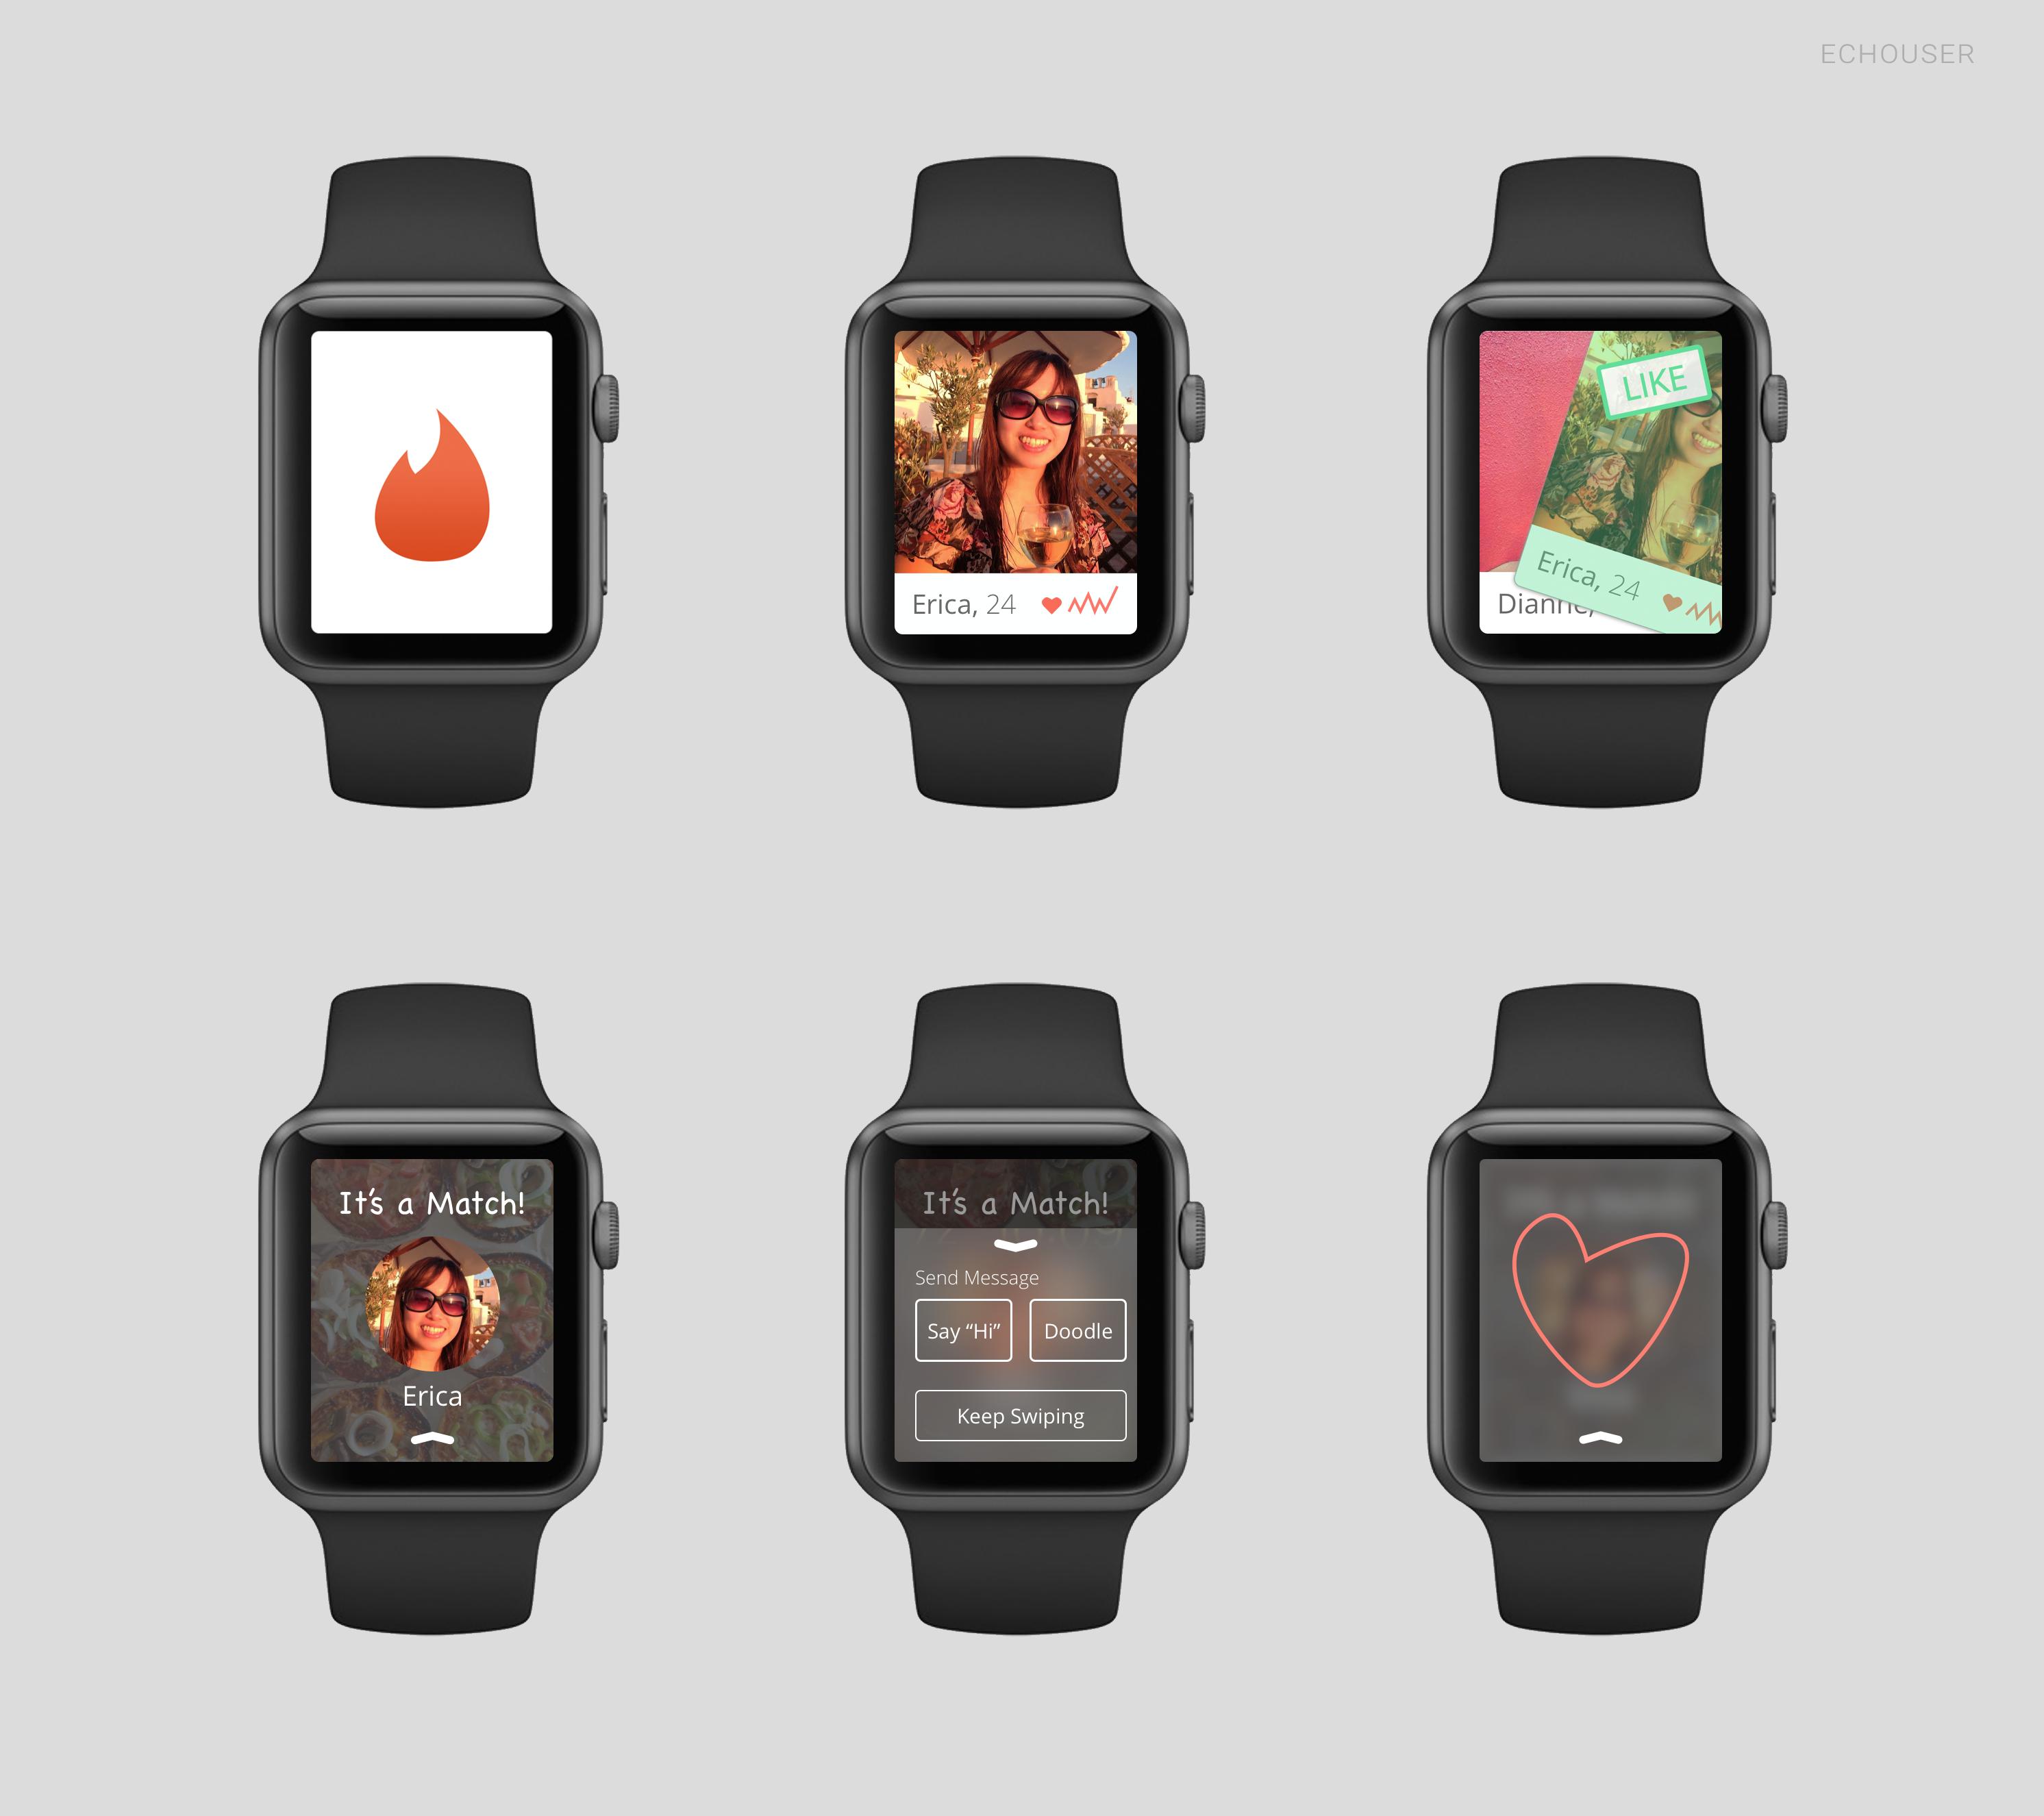 Conceito de app para o Applw Watch - Tinder